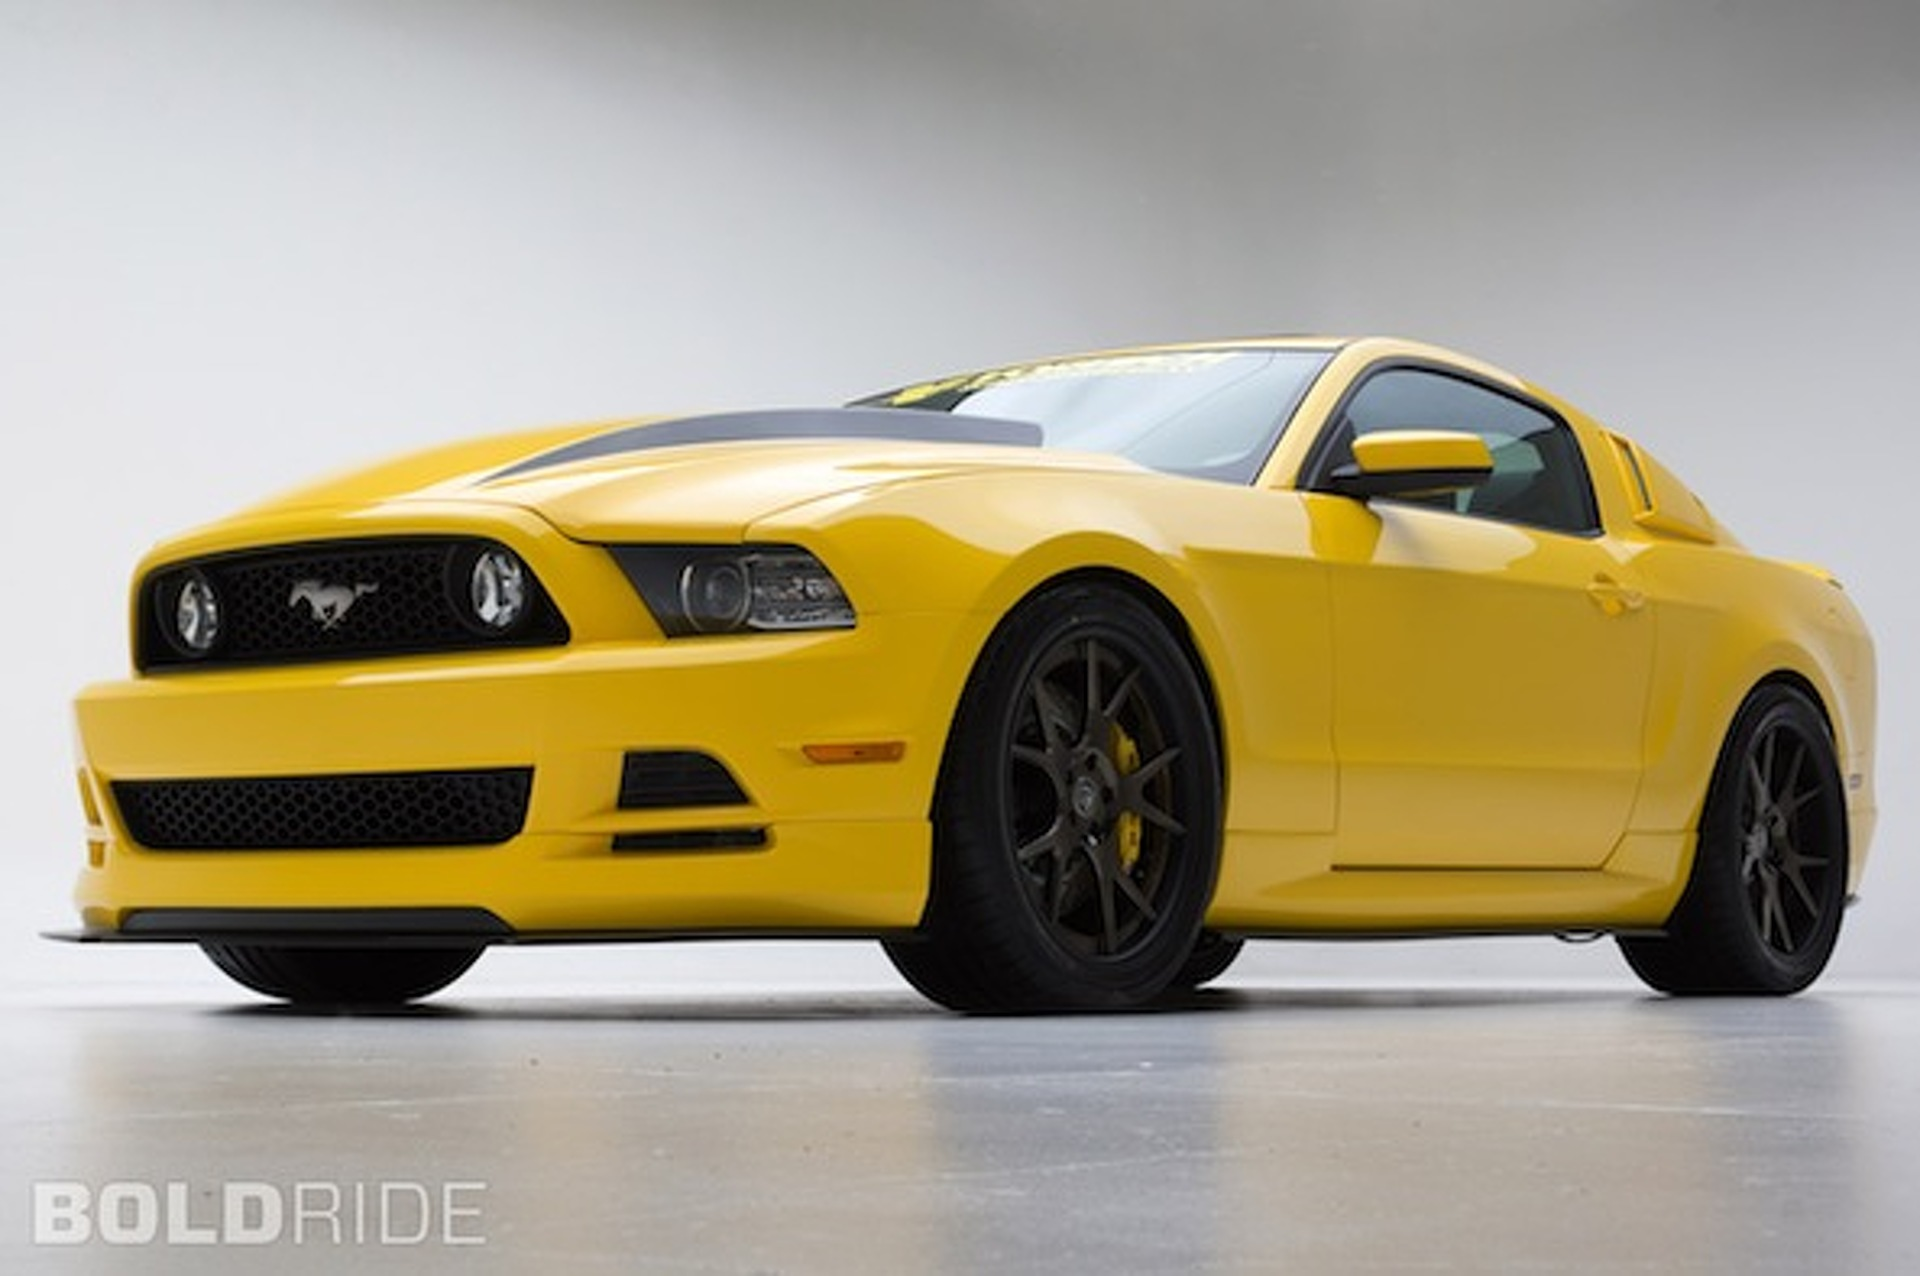 SEMA-Bound Mustang Yellow Jacket Puts Down 605HP